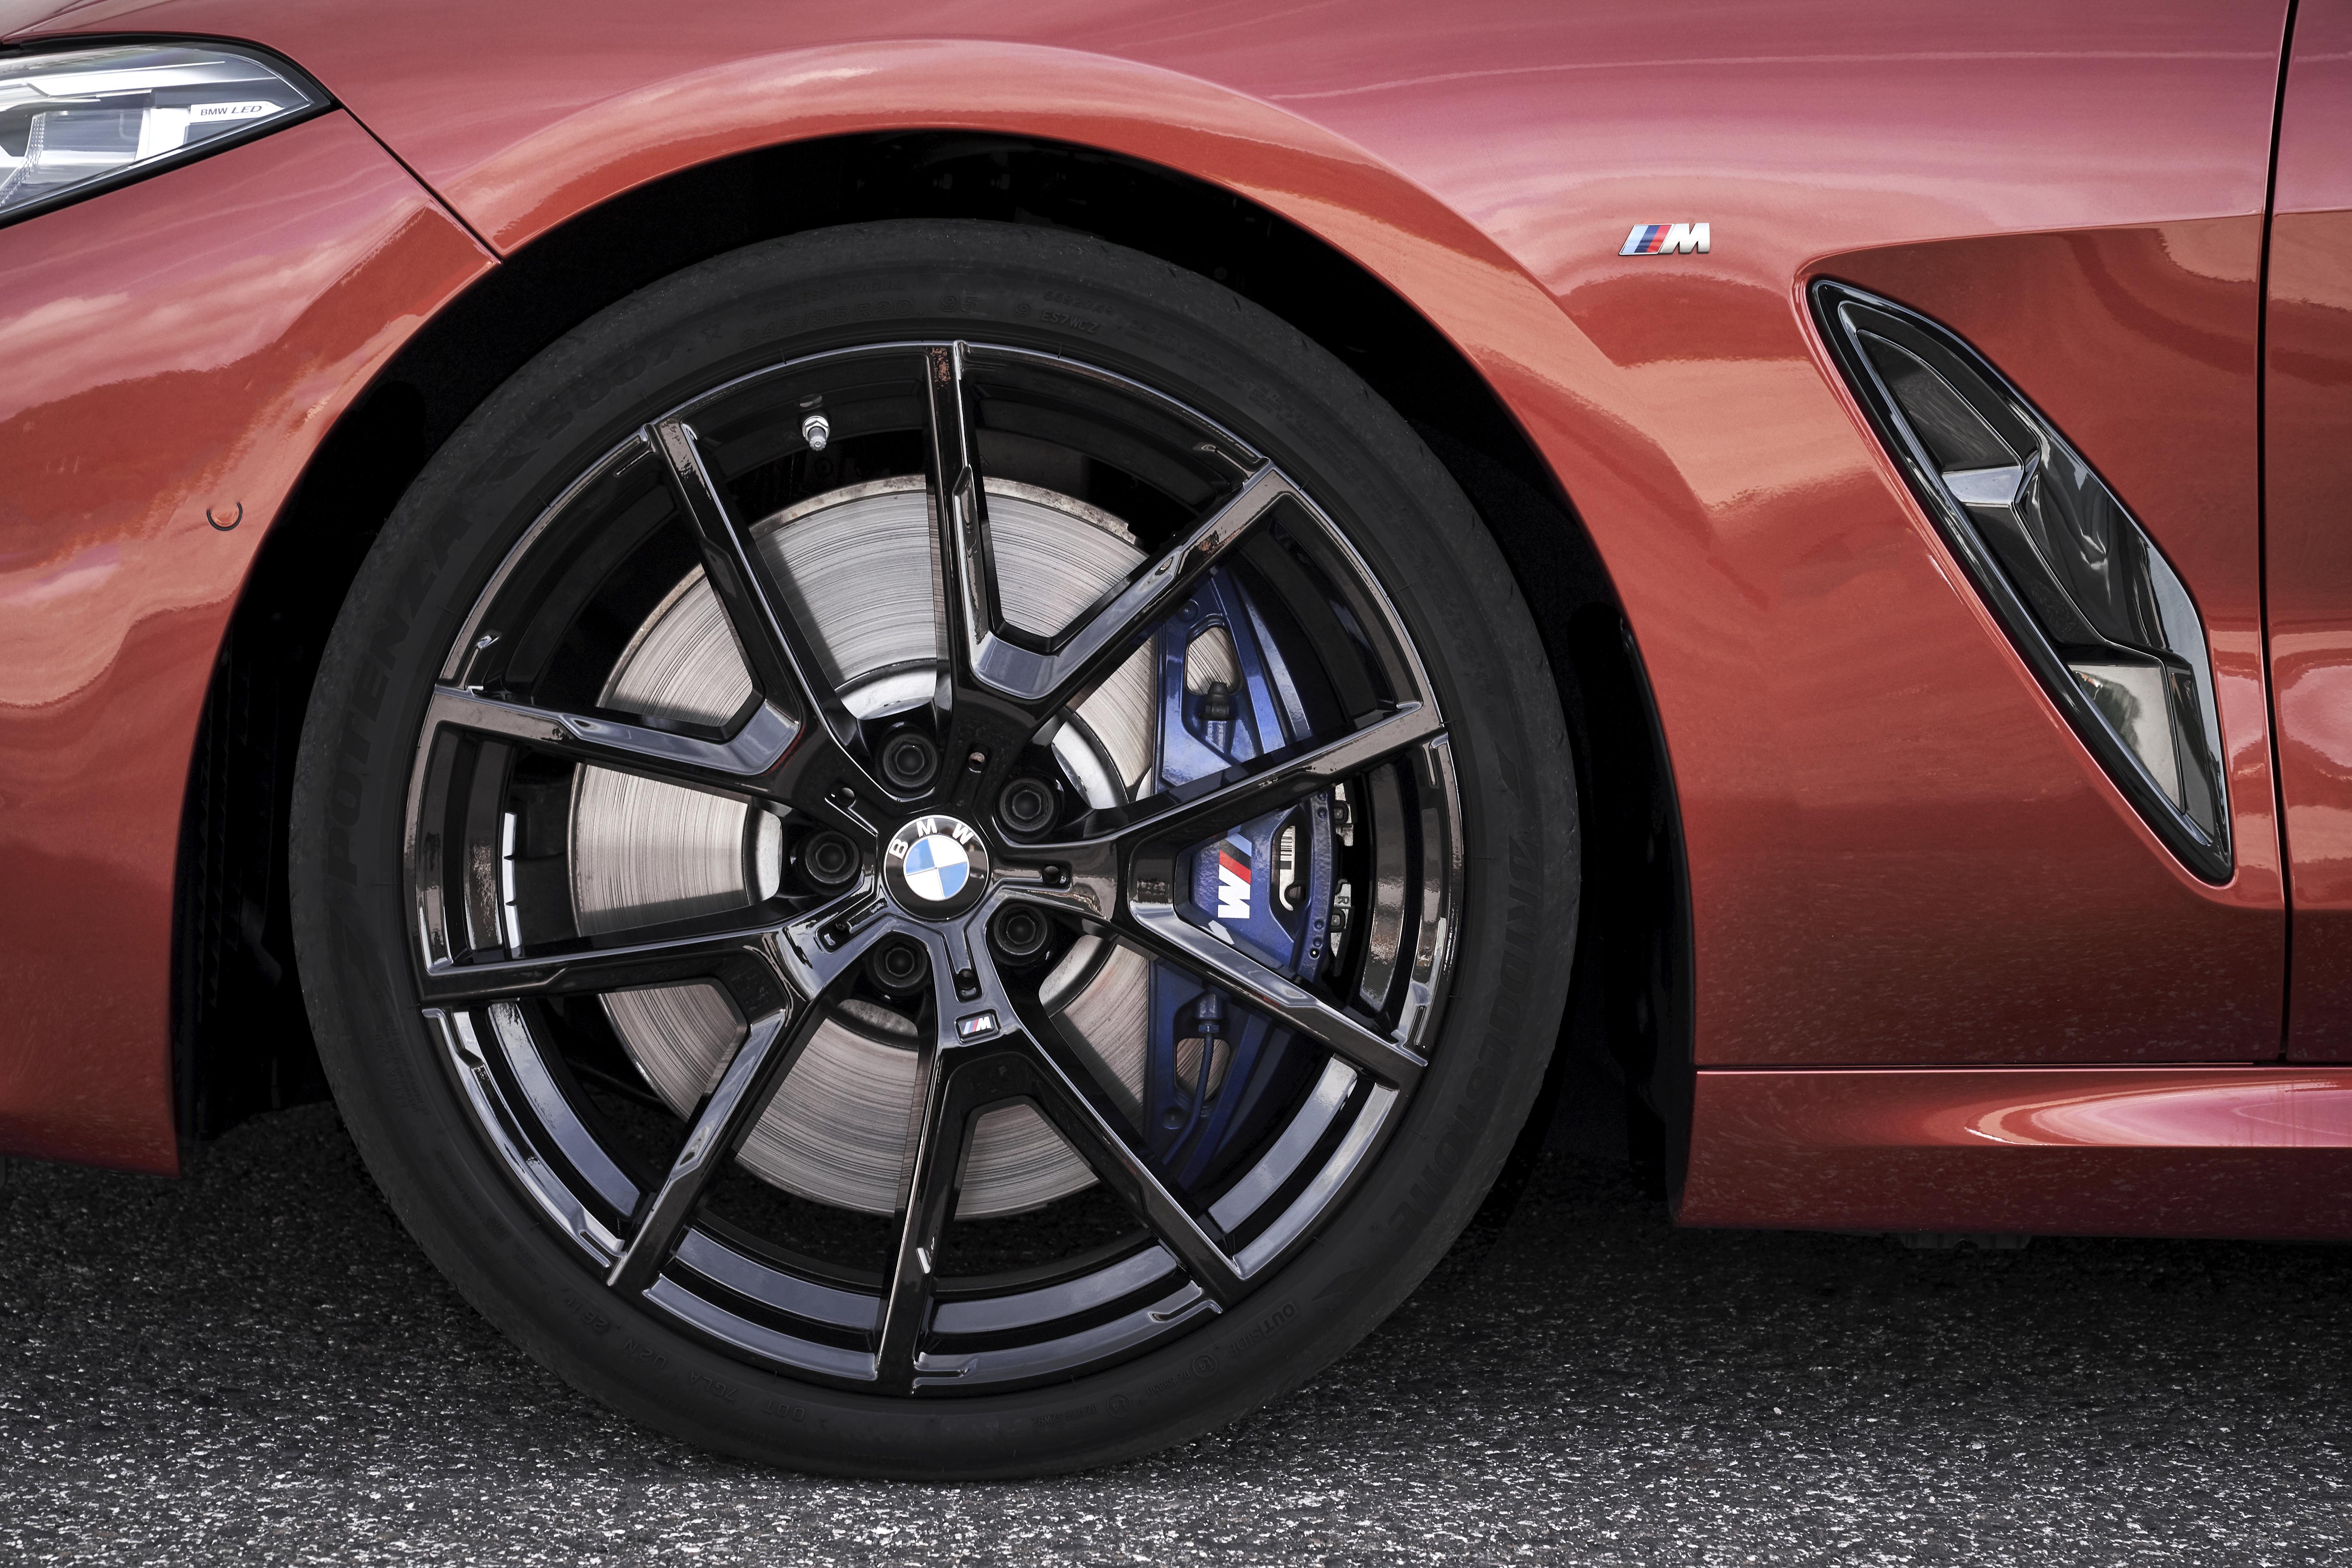 Bridgestone inova com lançamentos de equipamento de origem